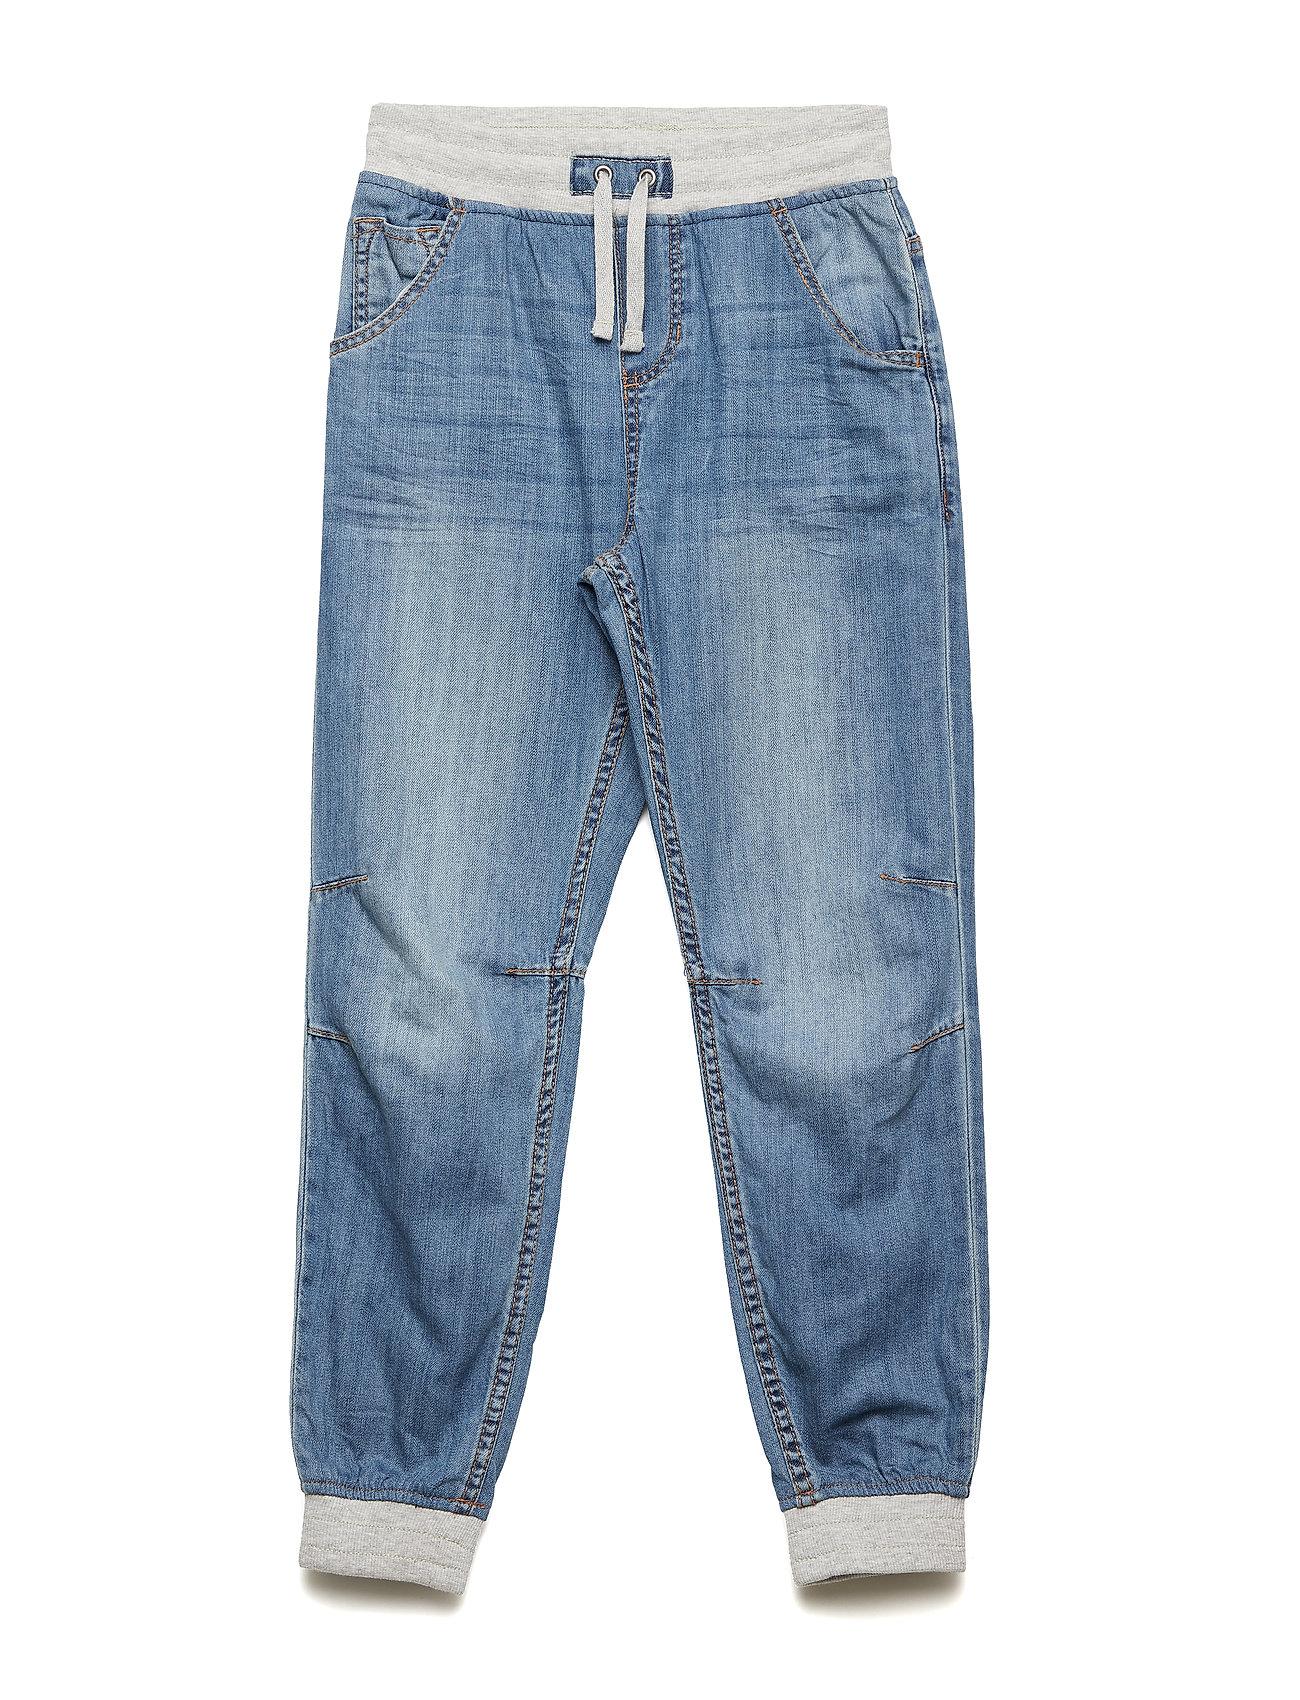 Polarn O. Pyret Jeans w. Rib Cuff School